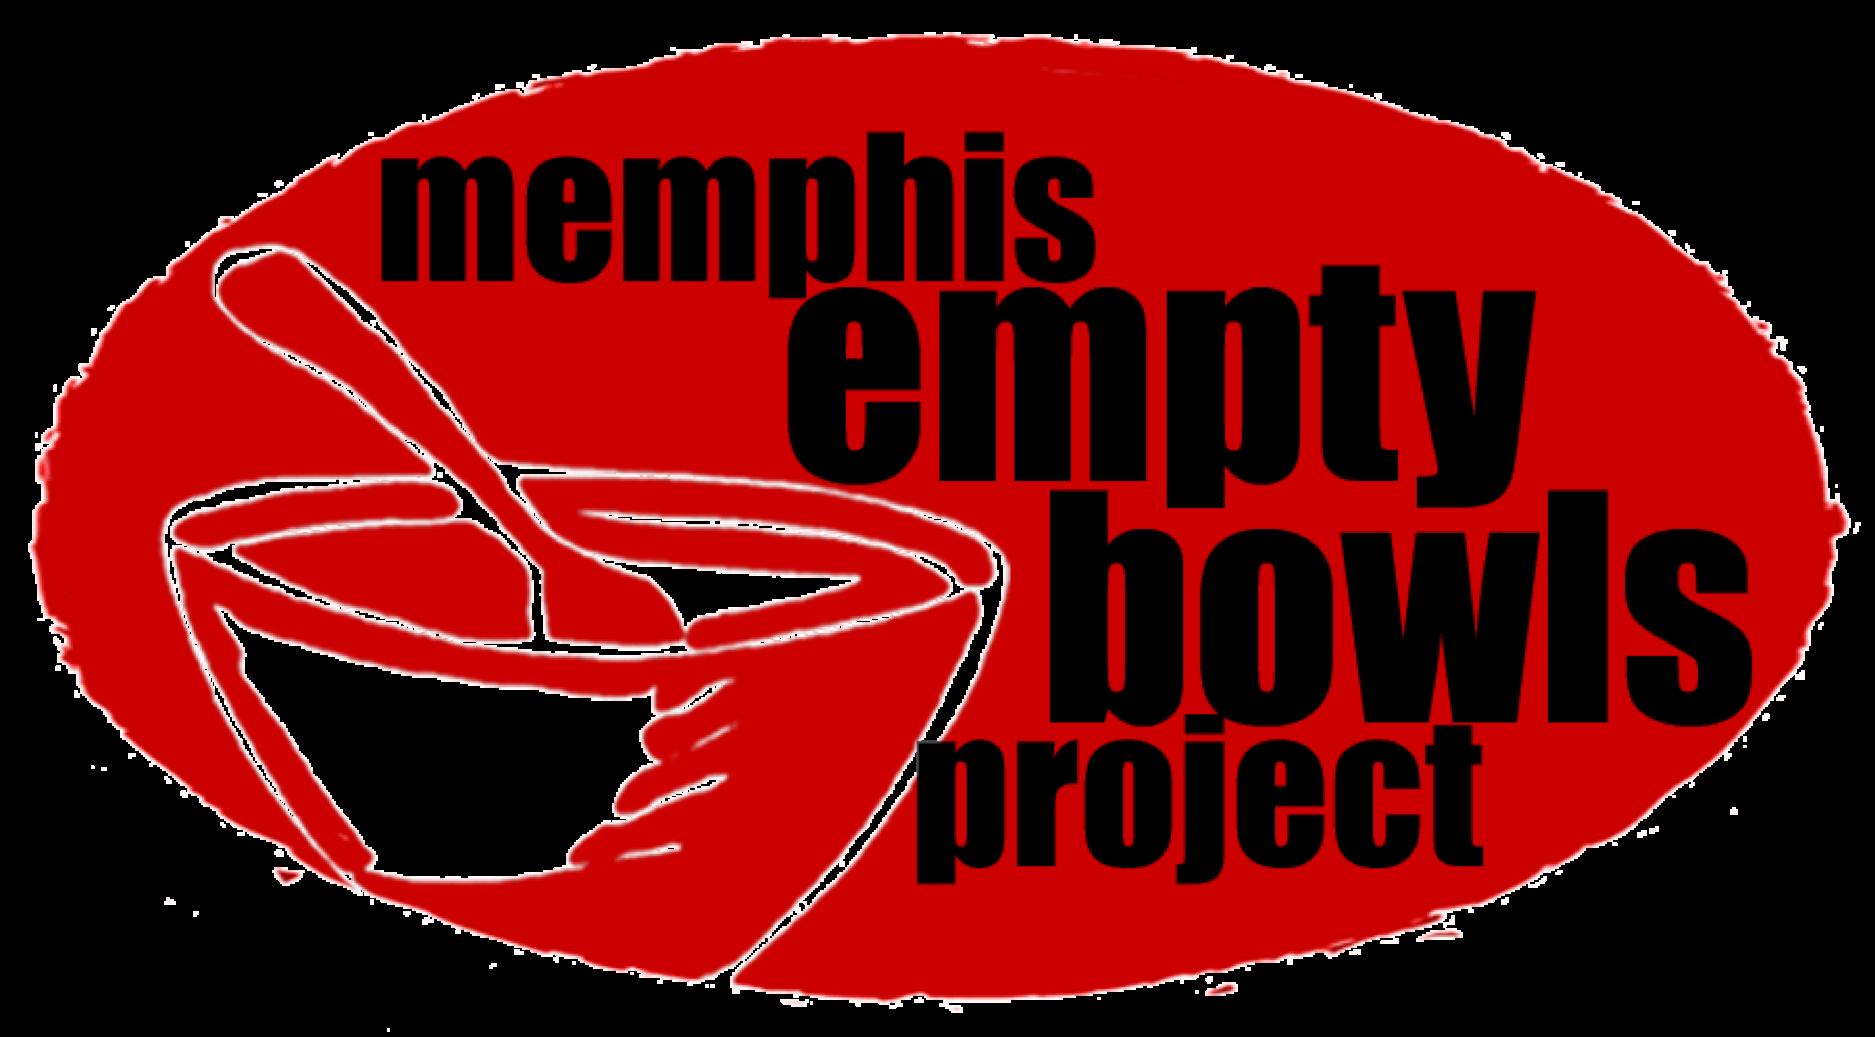 Clipart bread bread bowl. Memphis empty bowls project